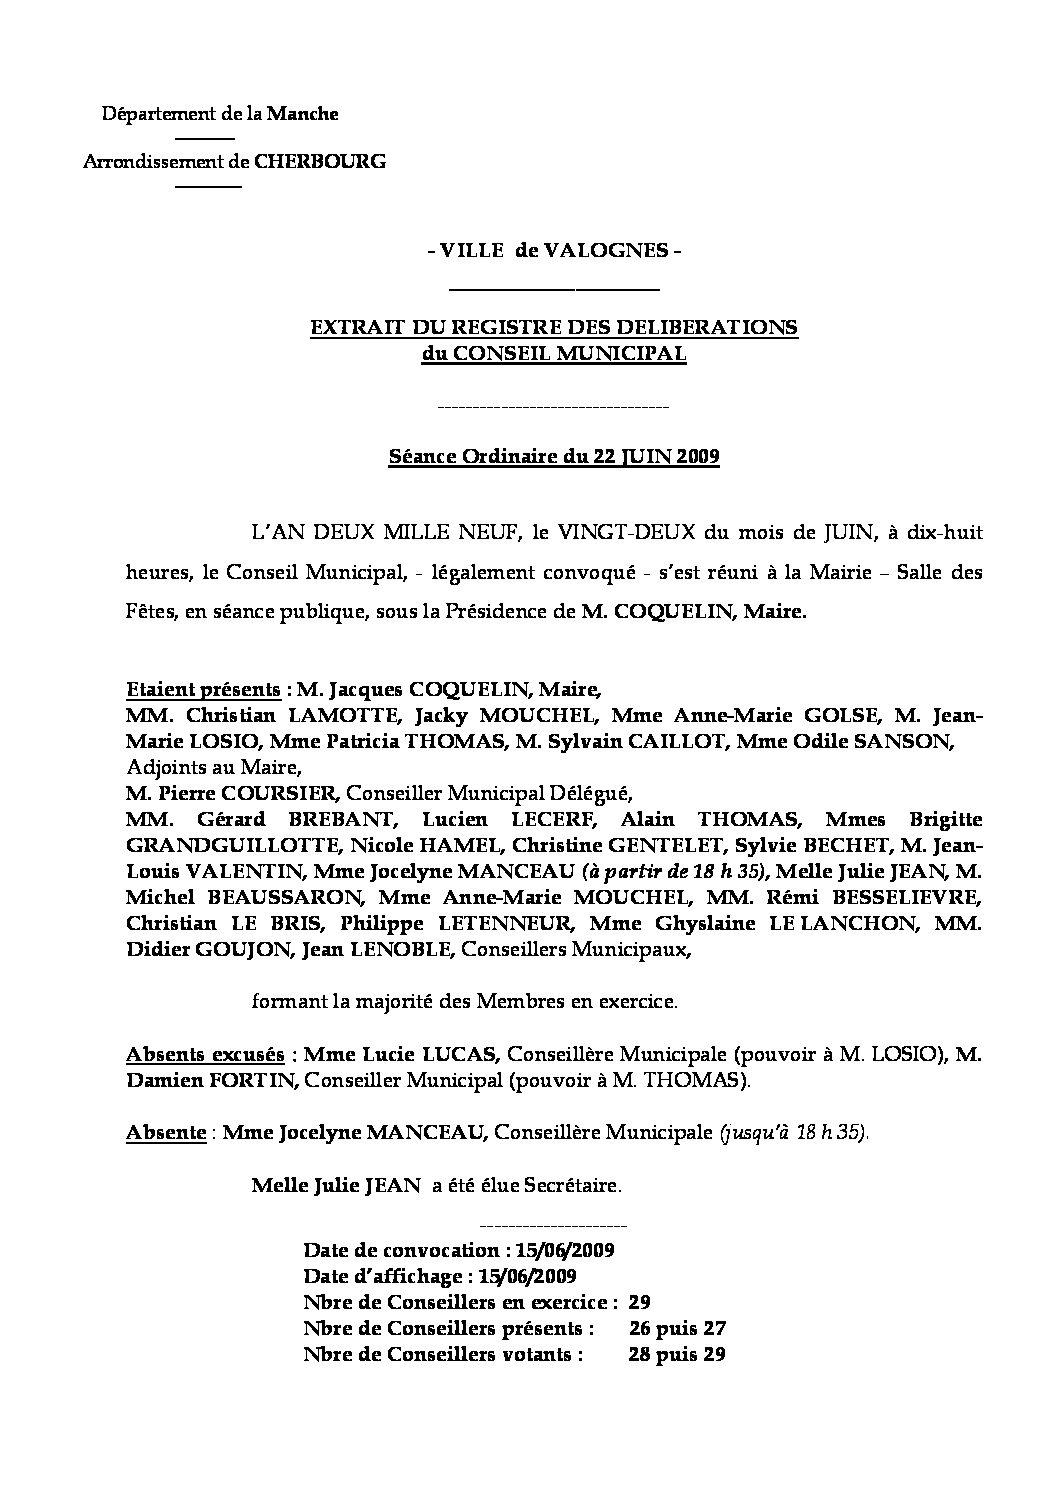 Extrait du registre des délibérations du 22-06-2209 - Compte rendu des questions soumises à délibération lors de la séance du Conseil Municipal du 22 juin 2009.